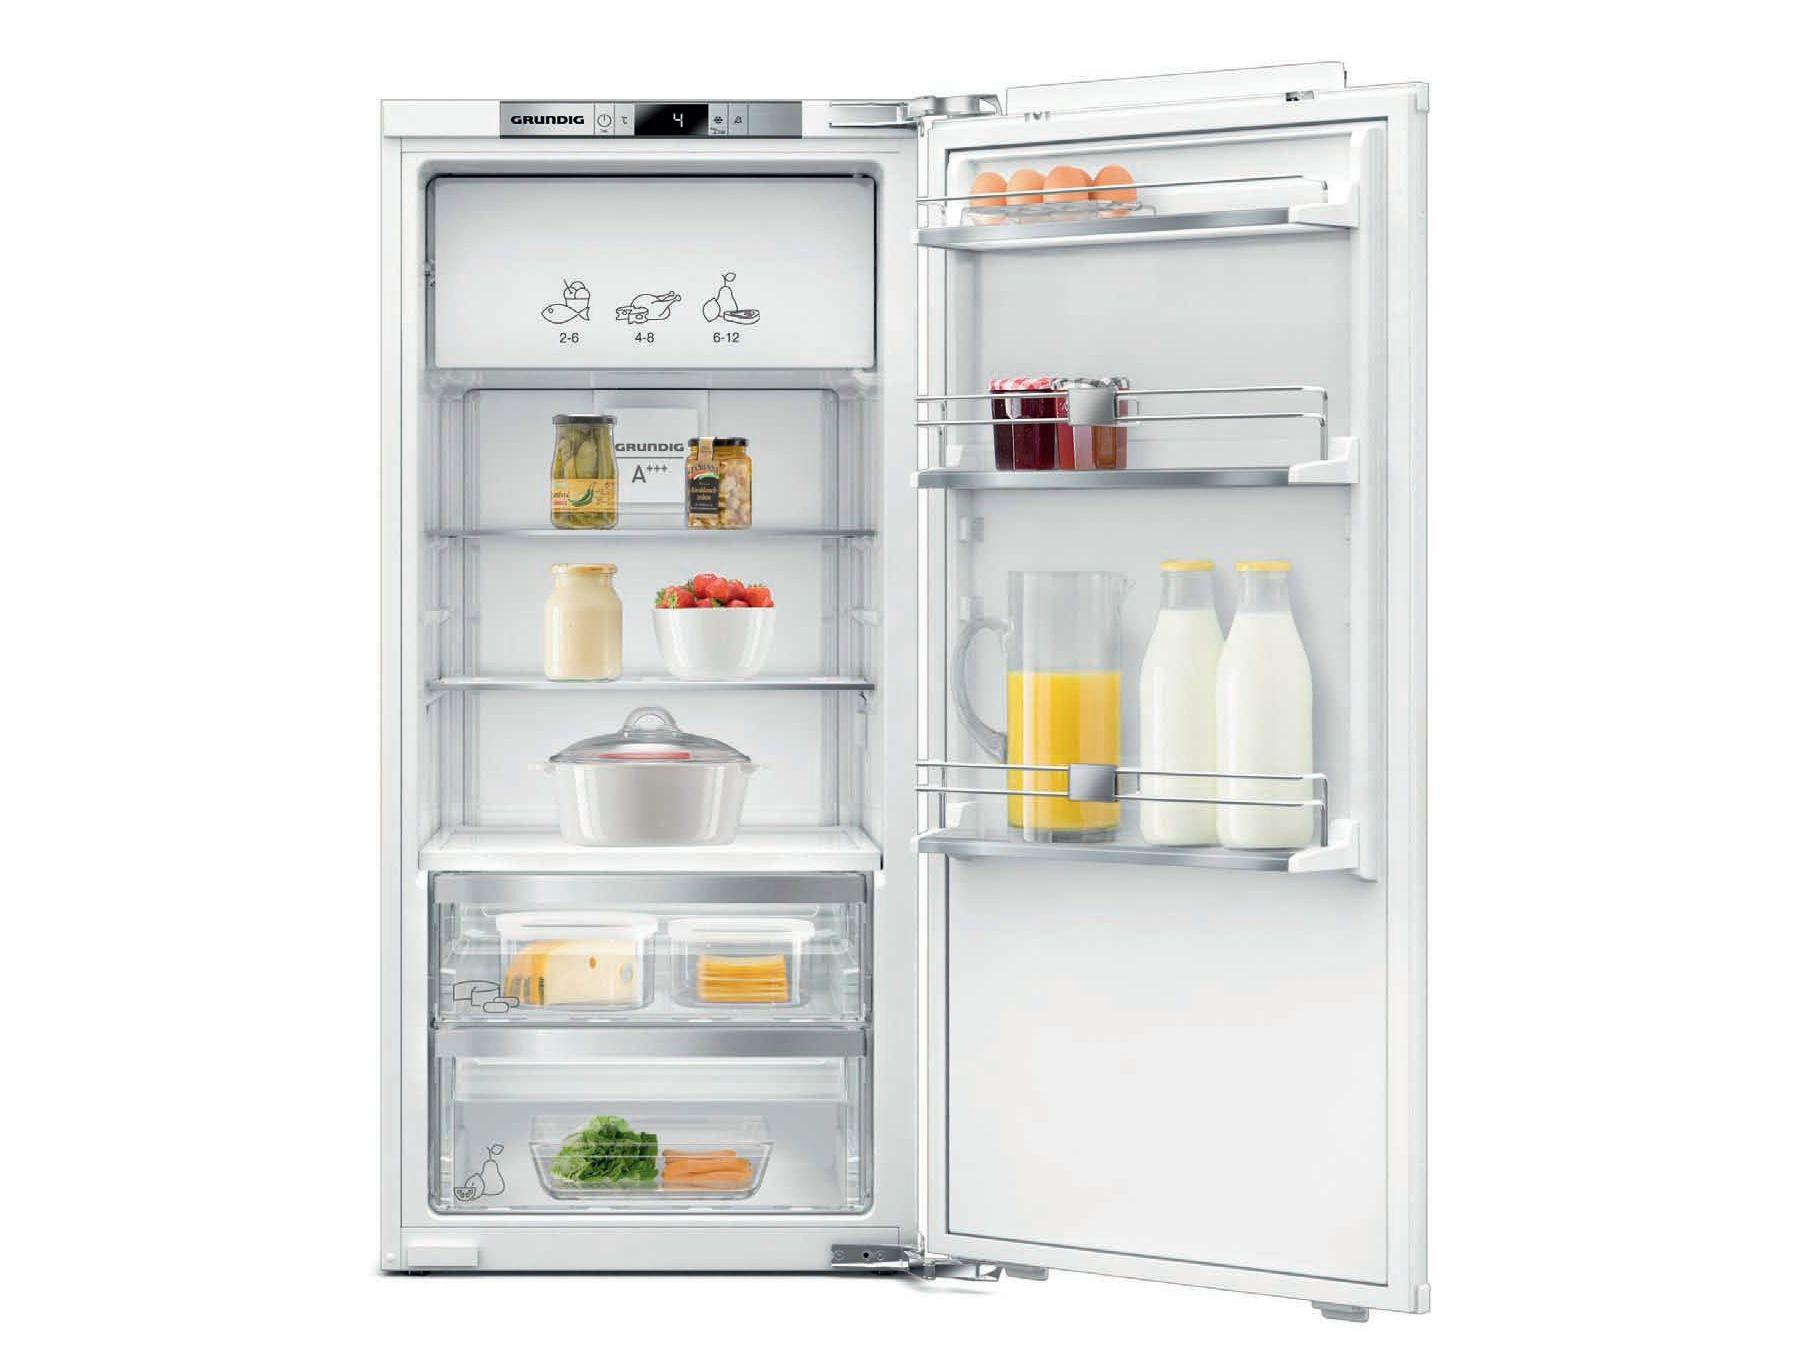 Frigoriferi da incasso monoporta senza congelatore excellent skzs aeg frigorifero da incasso - Frigorifero monoporta senza congelatore ...